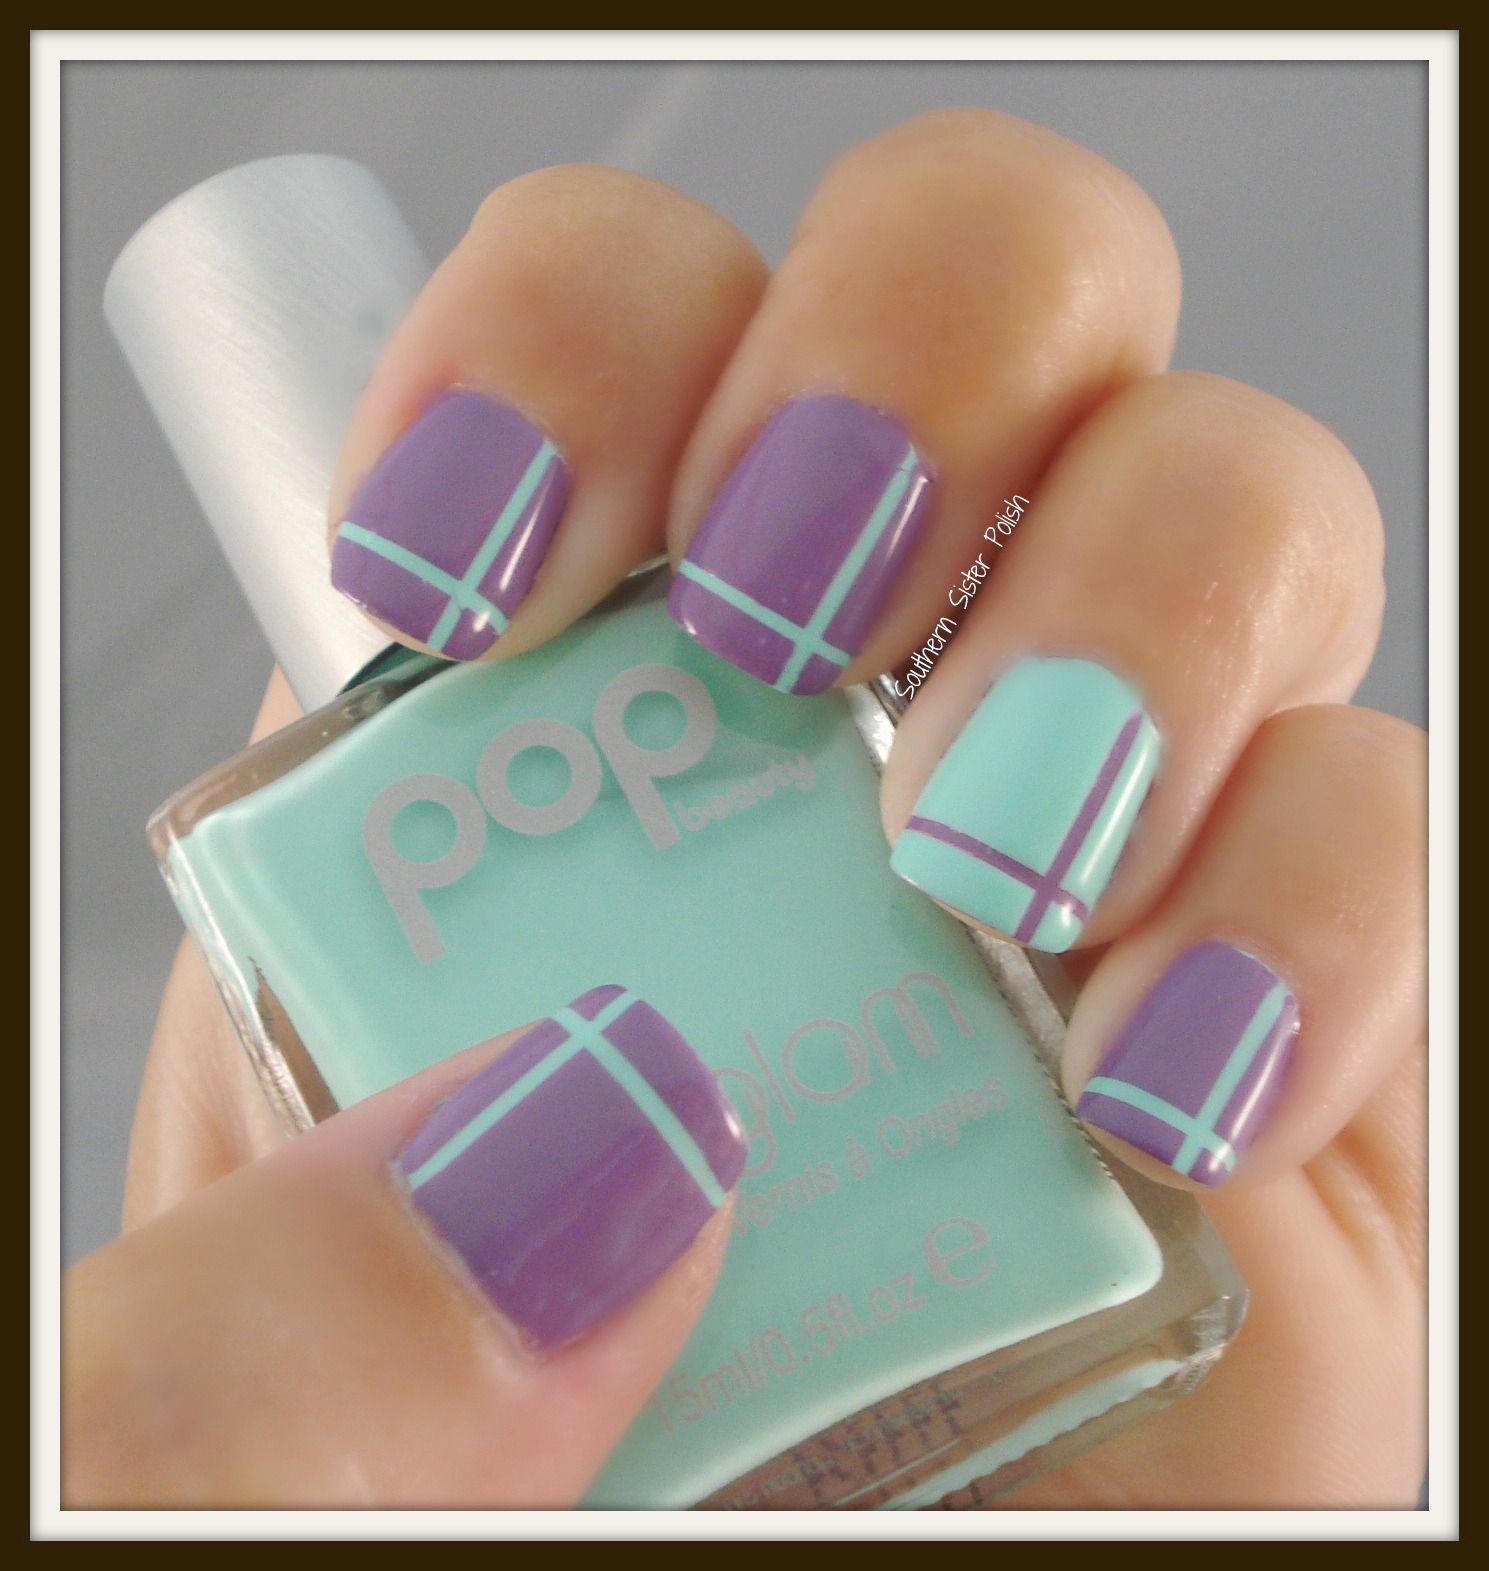 Southern sister polish nail art wednesdaytaped up nailart